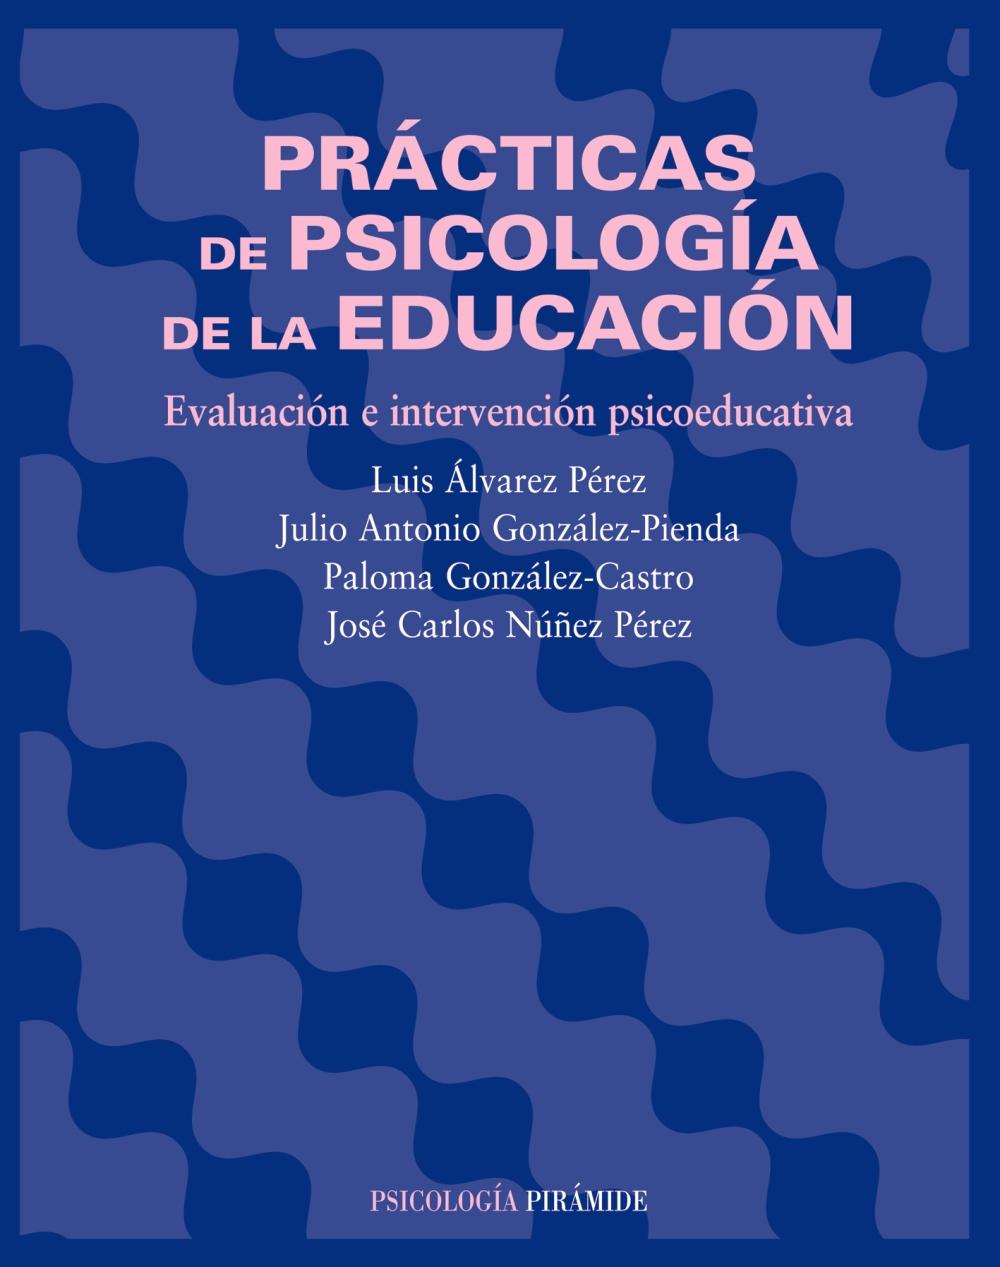 Practicas De Psicologia De La Educacion: Evaluacion E Intervencion Psicoeducativa por Vv.aa.